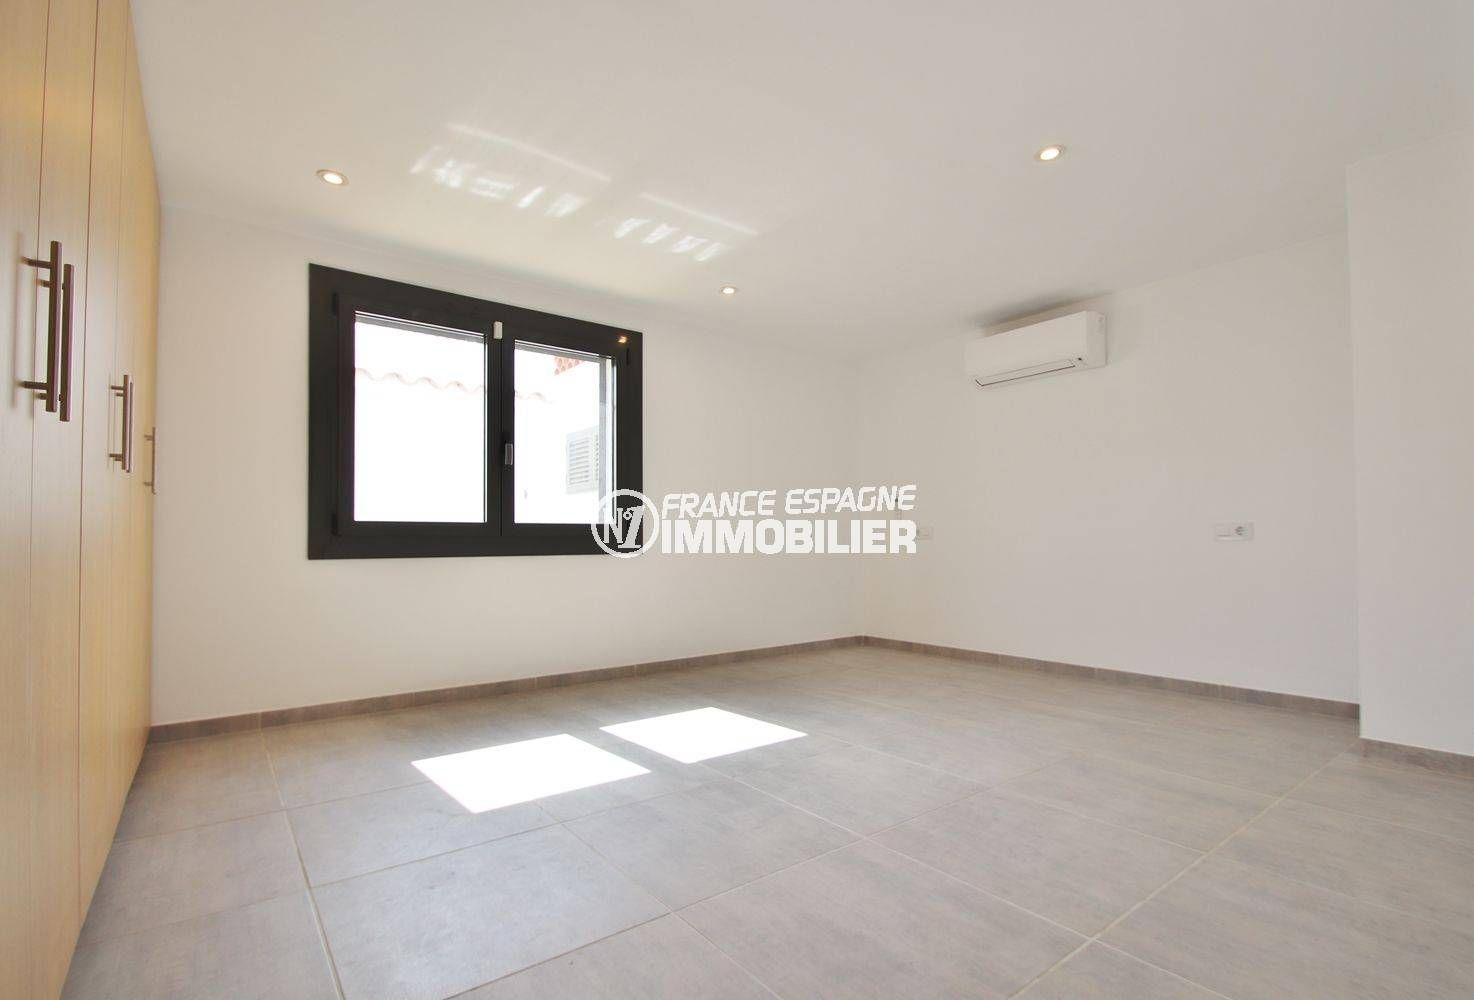 vente immobilier costa brava, villa 234 m², deuxième suite parentale avec placards